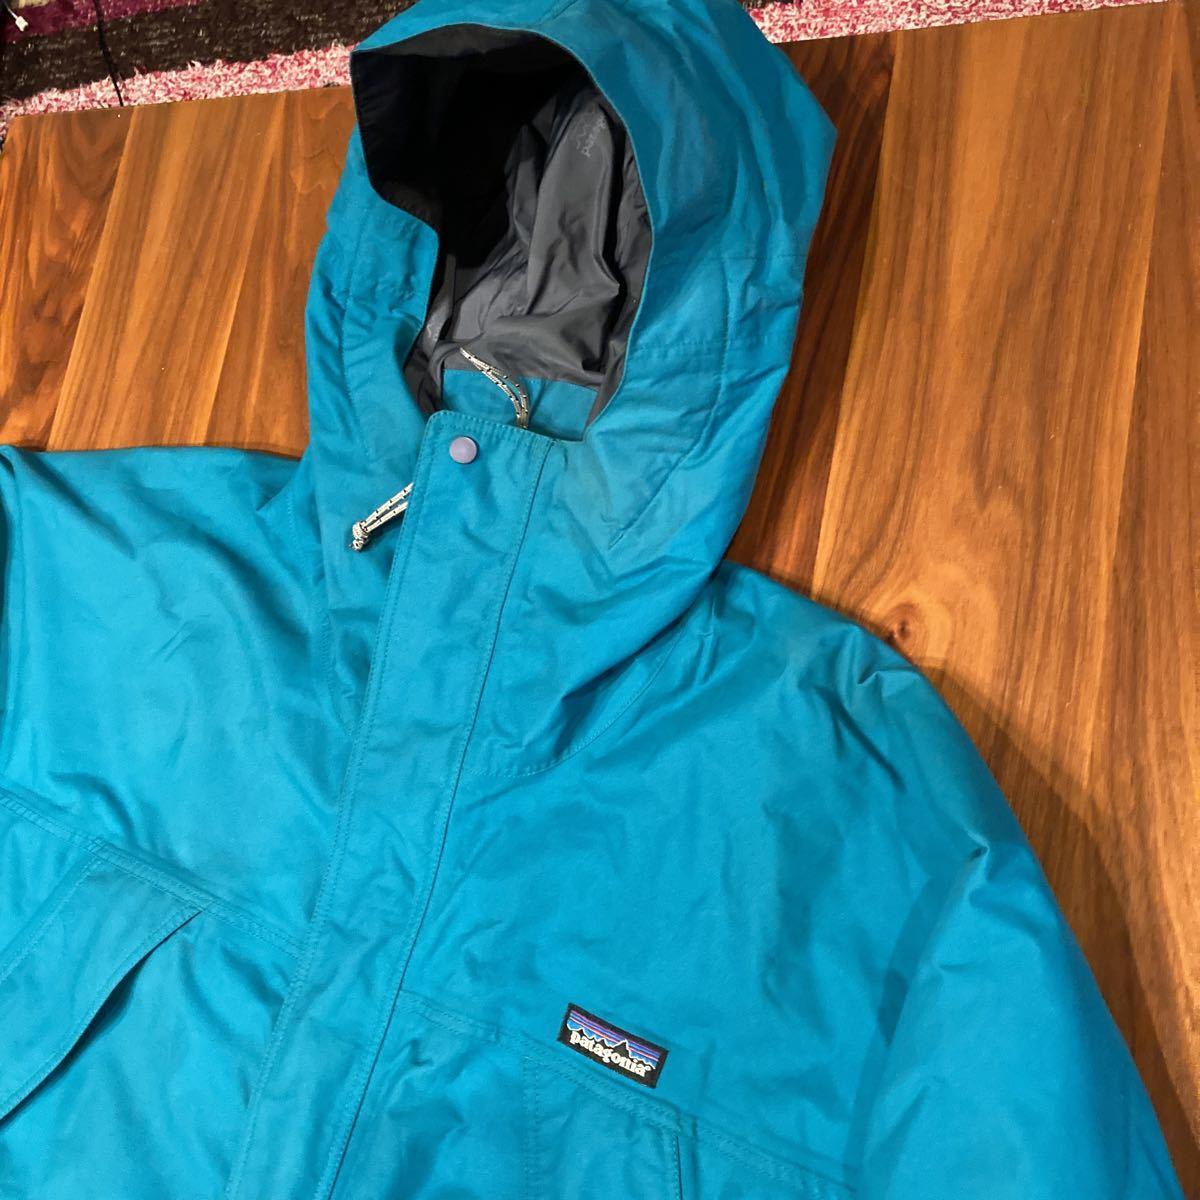 キレイ! patagonia 00年 ストームジャケット L エメラルドグリーン パタゴニア storm jacket マウンテンパーカー ナイロンジャケット_画像2